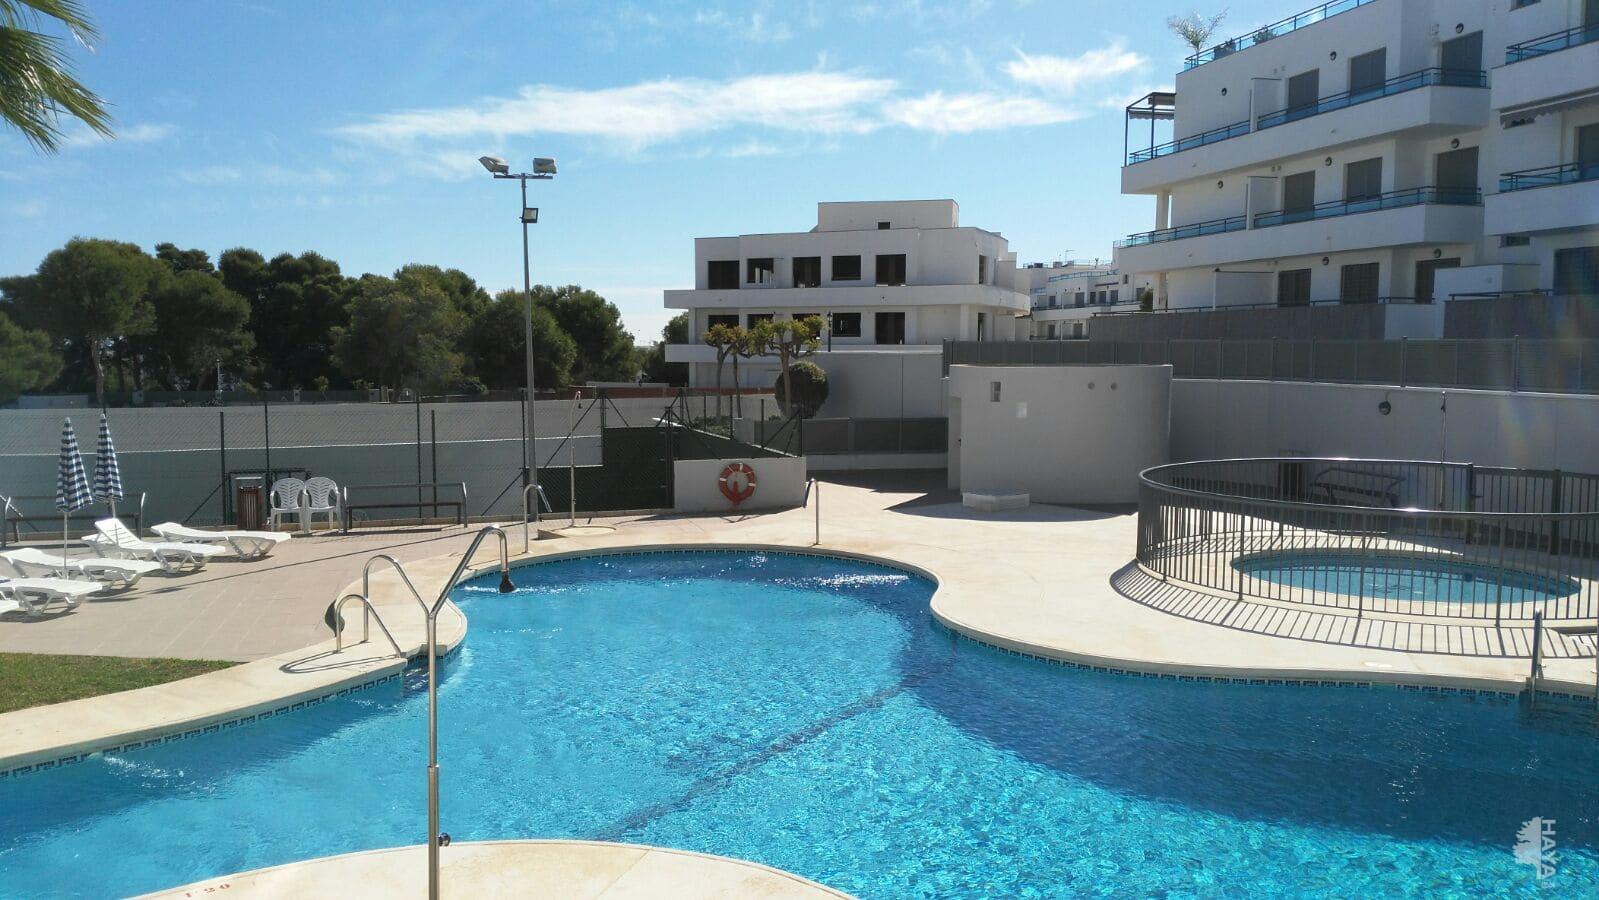 Piso en venta en Garrucha, Almería, Calle Murillo (pinar de Garrucha), B, 98.300 €, 2 habitaciones, 2 baños, 67 m2